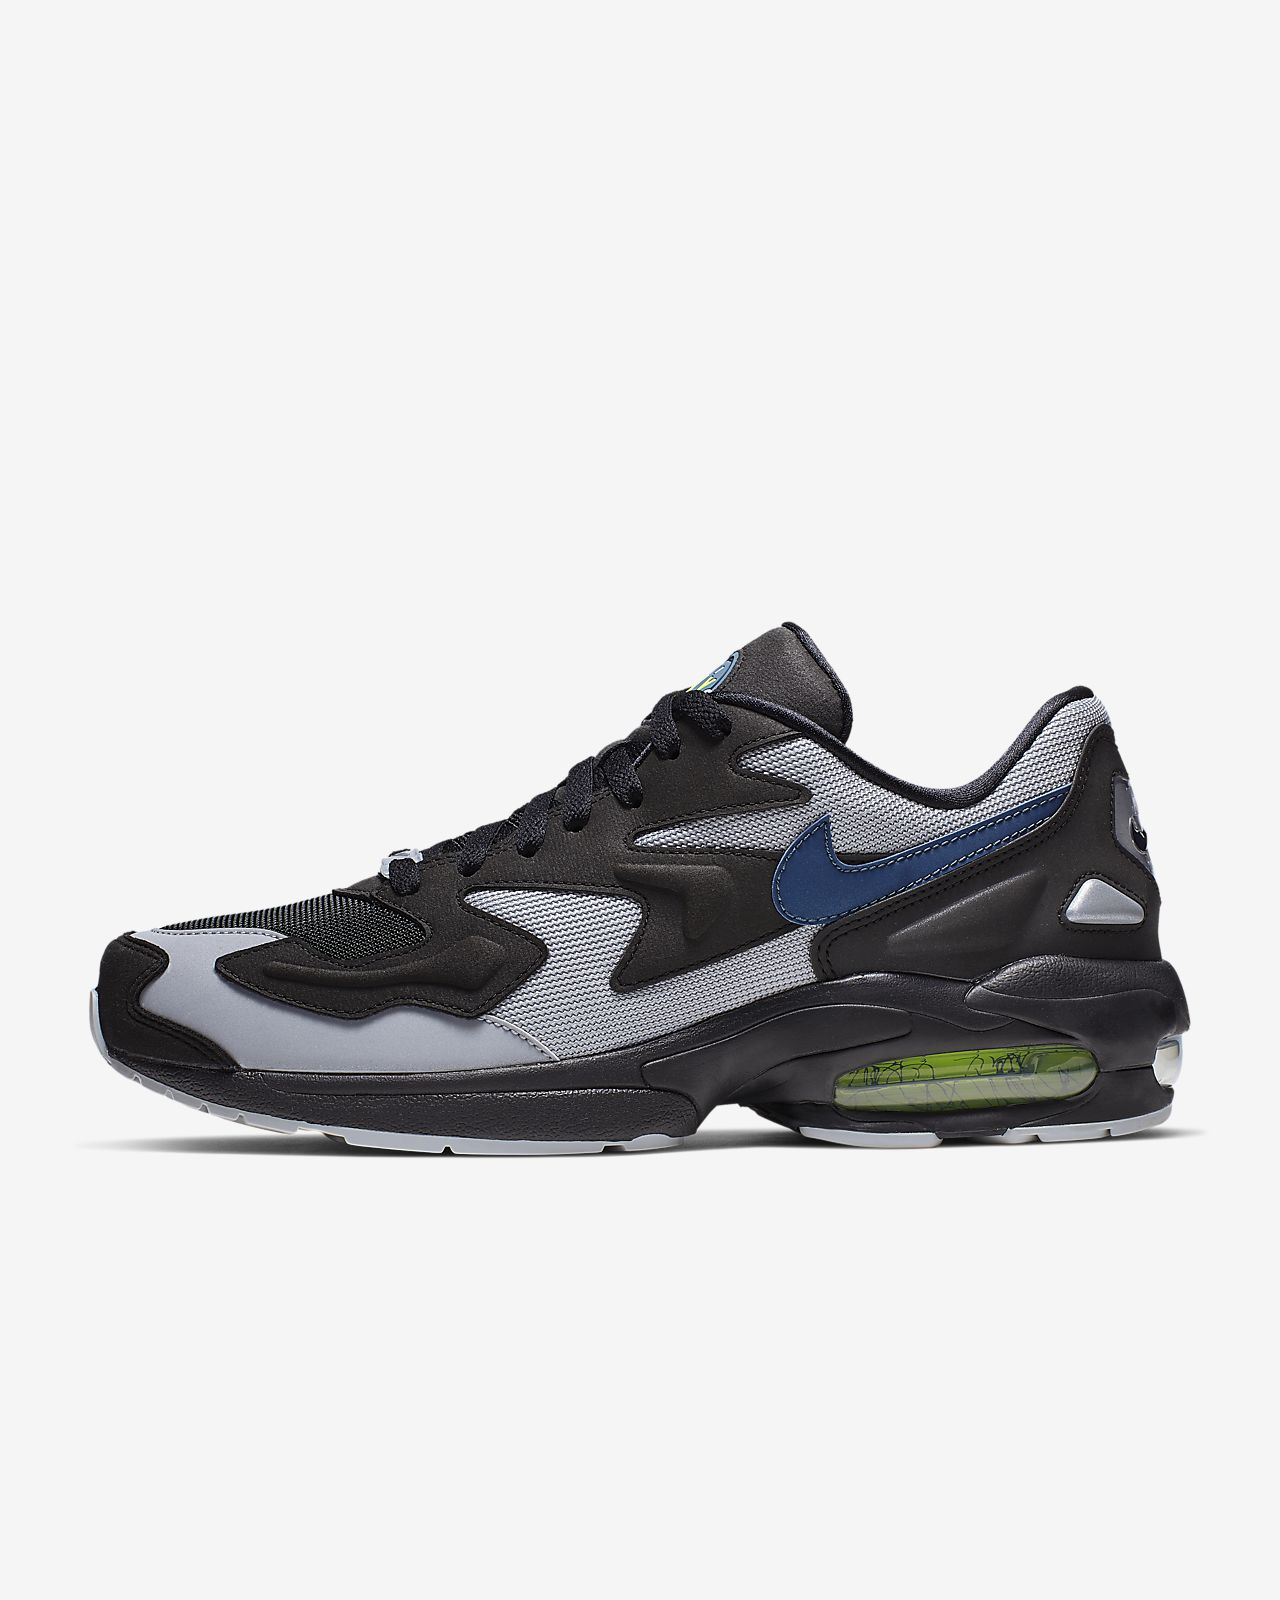 Nike Air Max2 Light herresko